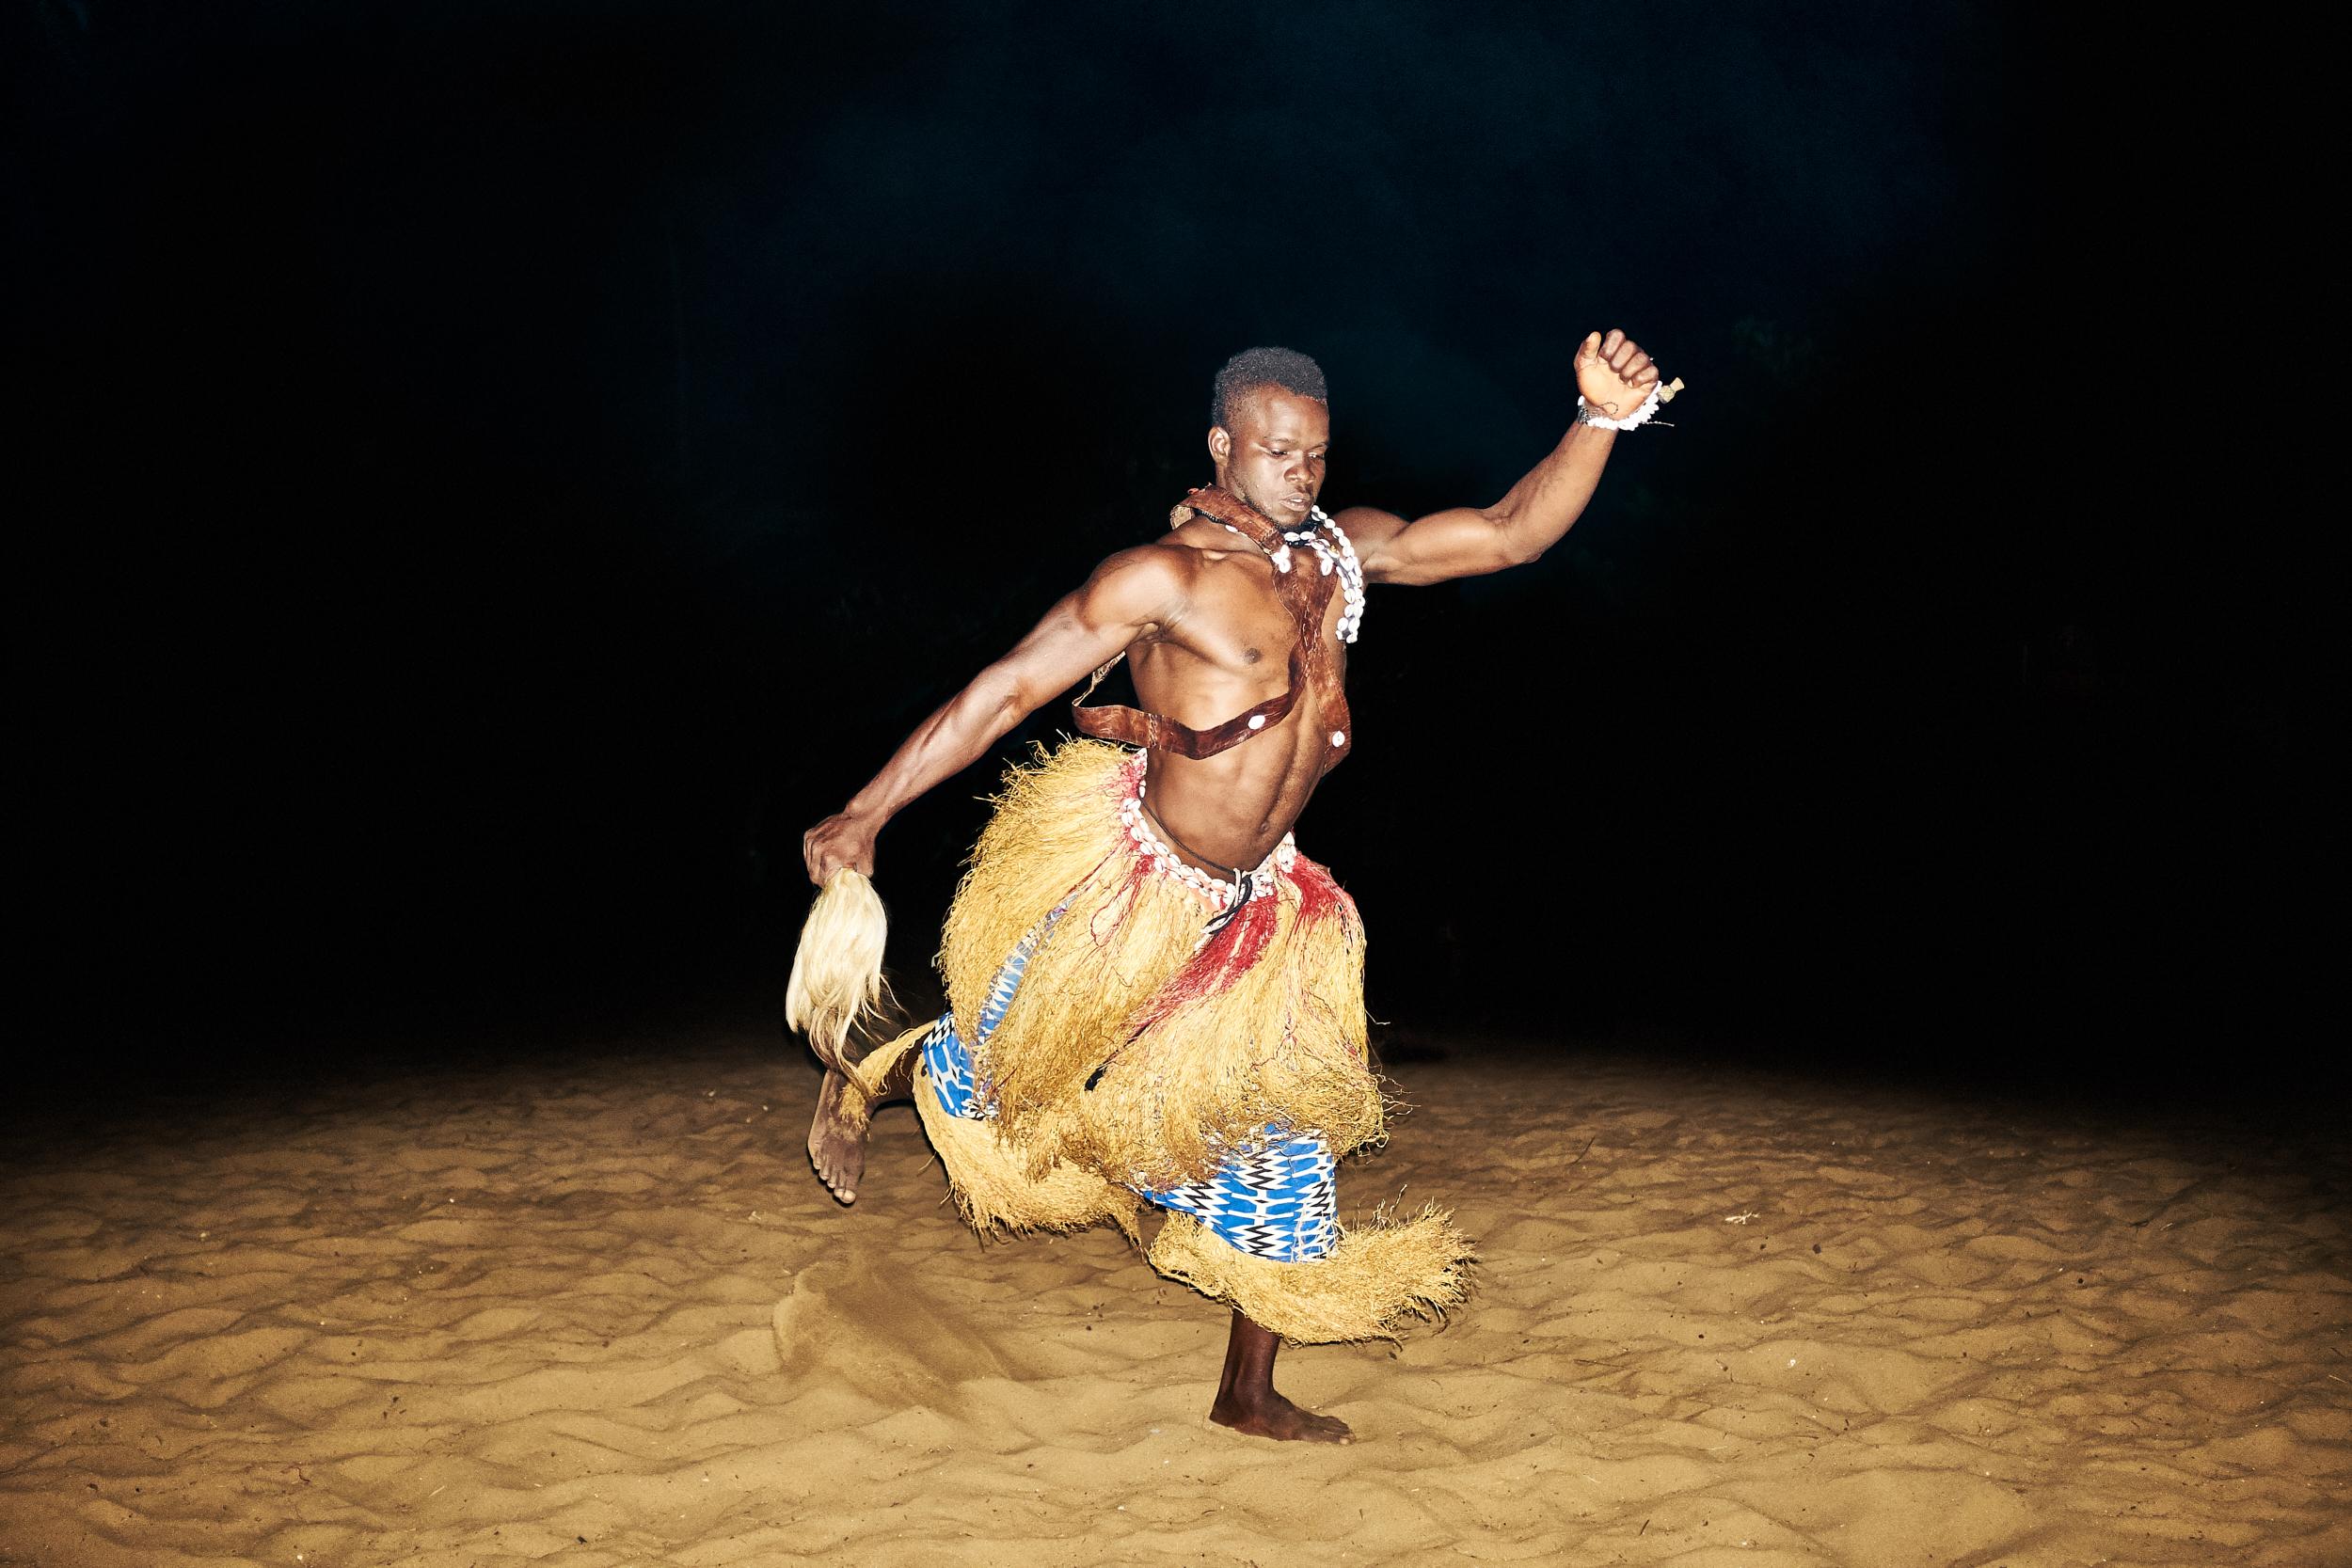 JLP_africa_0067.jpg